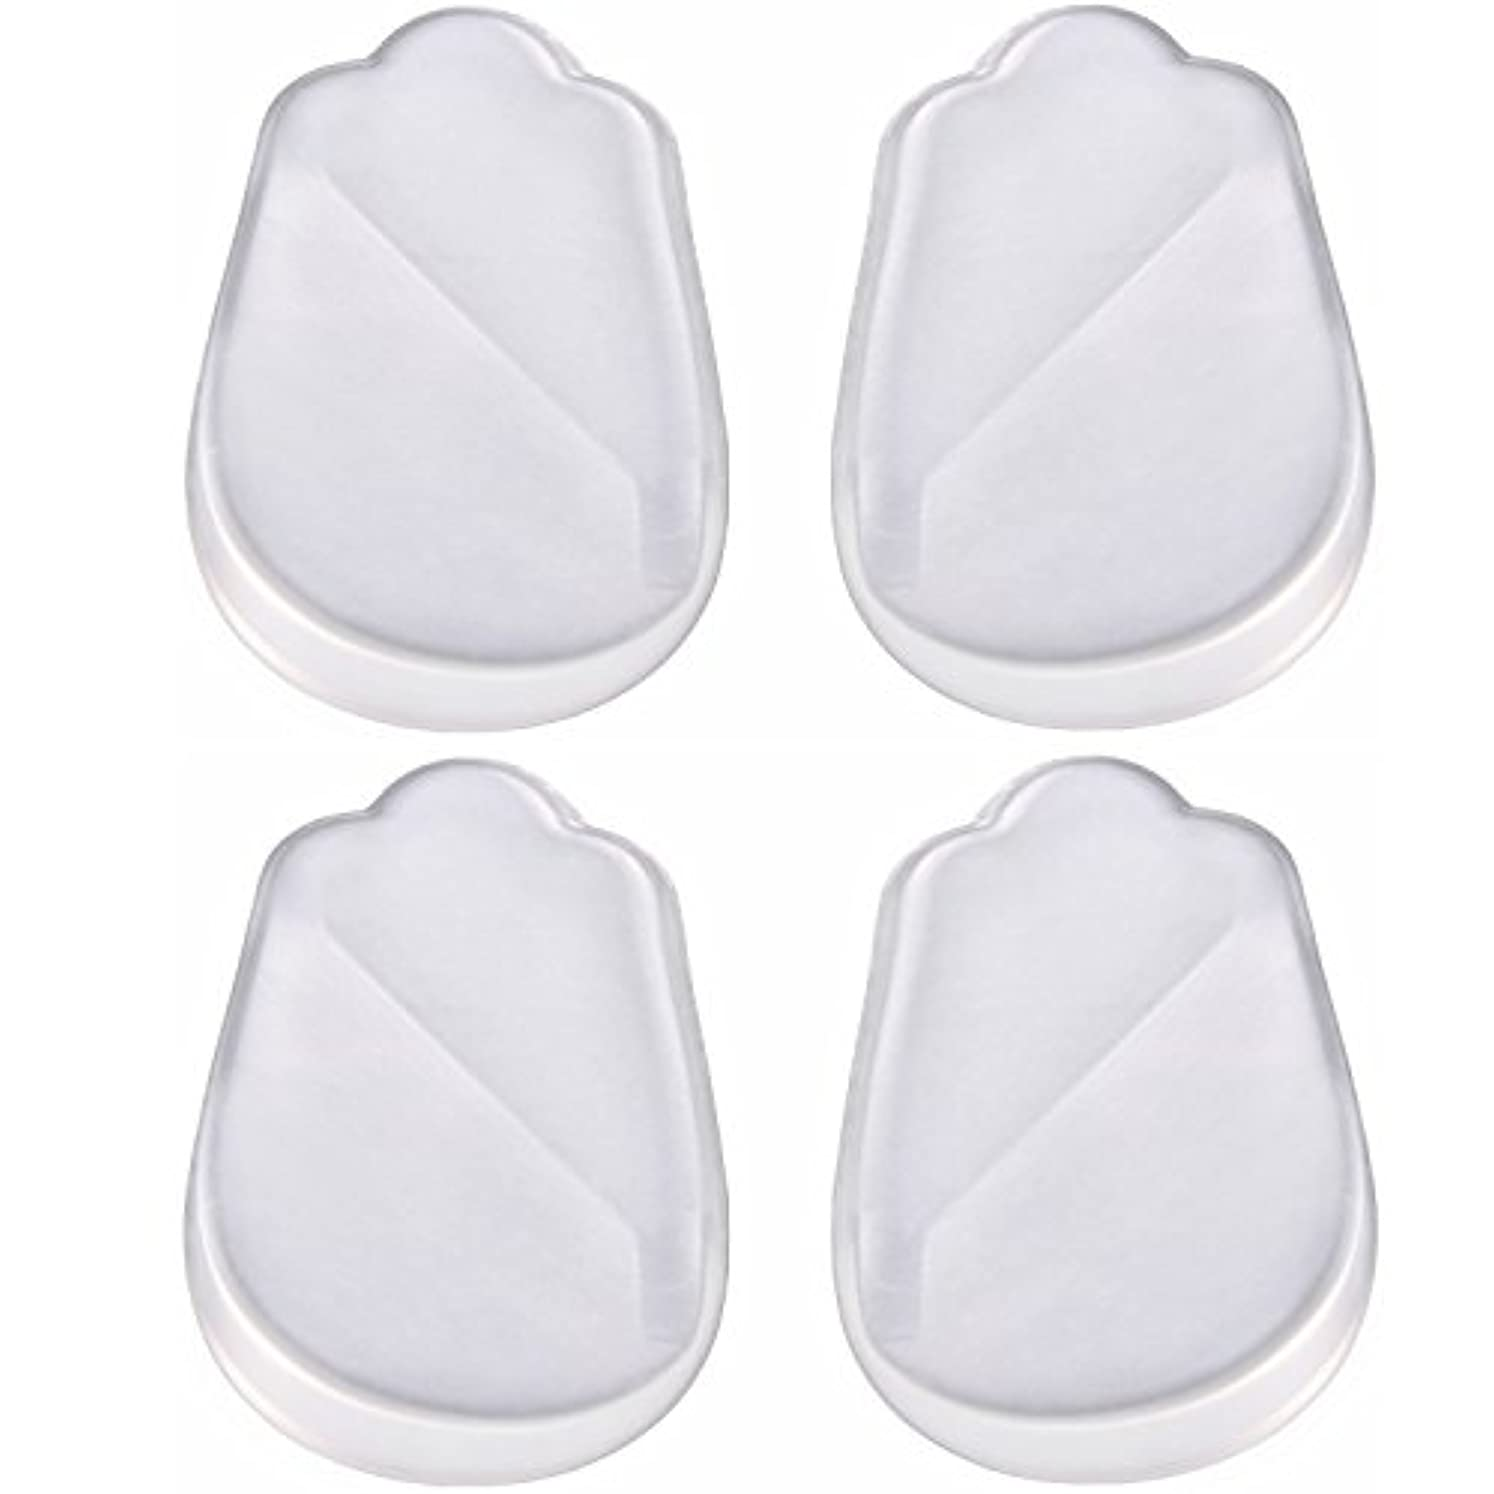 非効率的な原点永続X脚 O脚 用 かかと シリコン ゲル 素材 透明 クリアー インソール 靴 中敷 4枚 2足分 セット! 補正 シリコンパッドを 靴に 入れて 履くだけ? 高 衝撃 吸収力 耐久